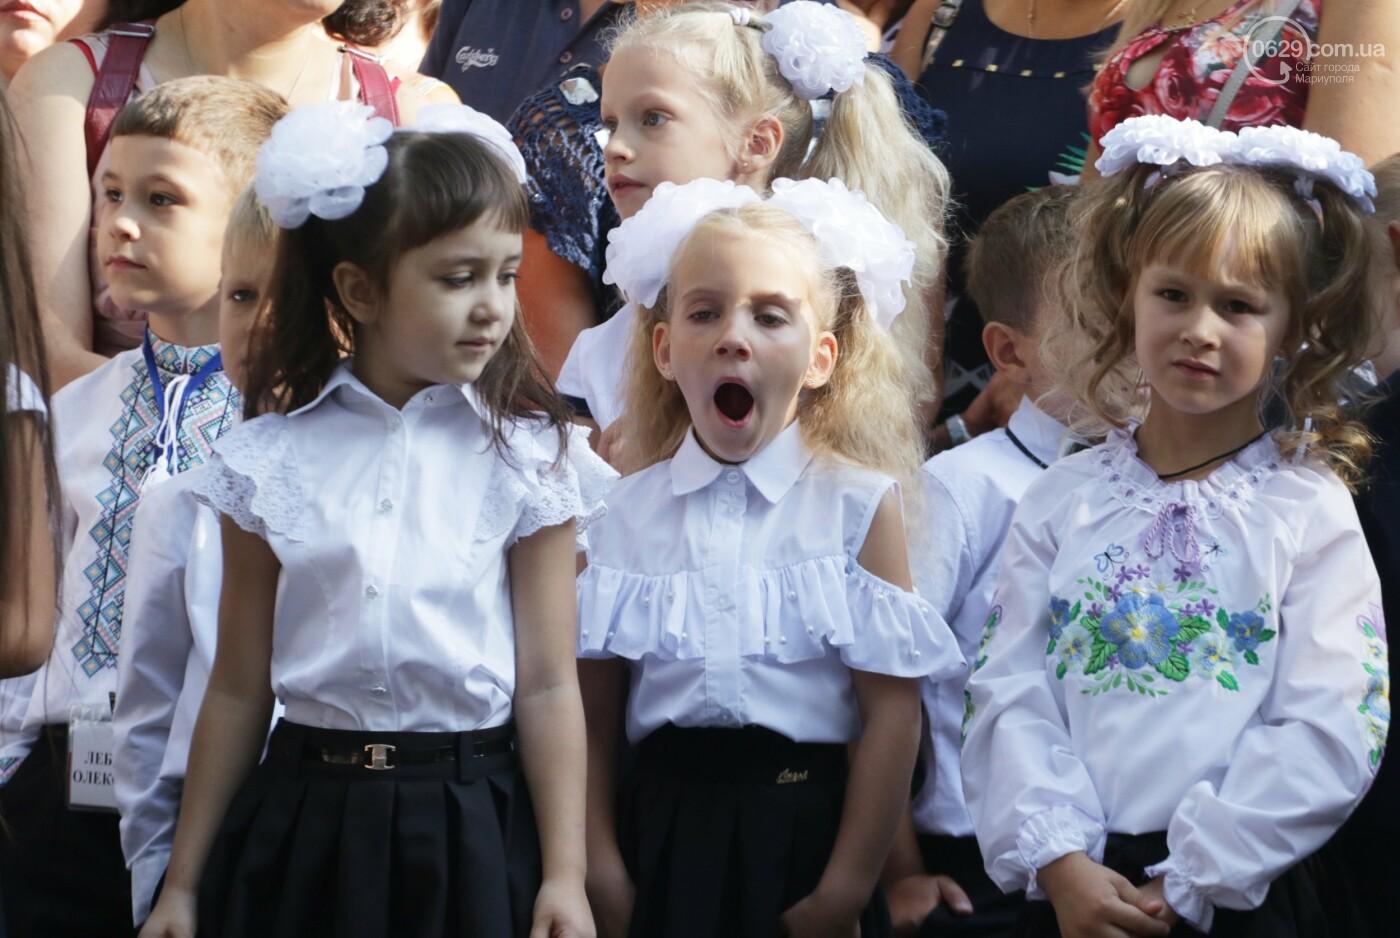 Первый звонок в Новой украинской школе: четыре тысячи первоклашек сели за парты в Мариуполе, - ФОТОРЕПОРТАЖ, фото-23